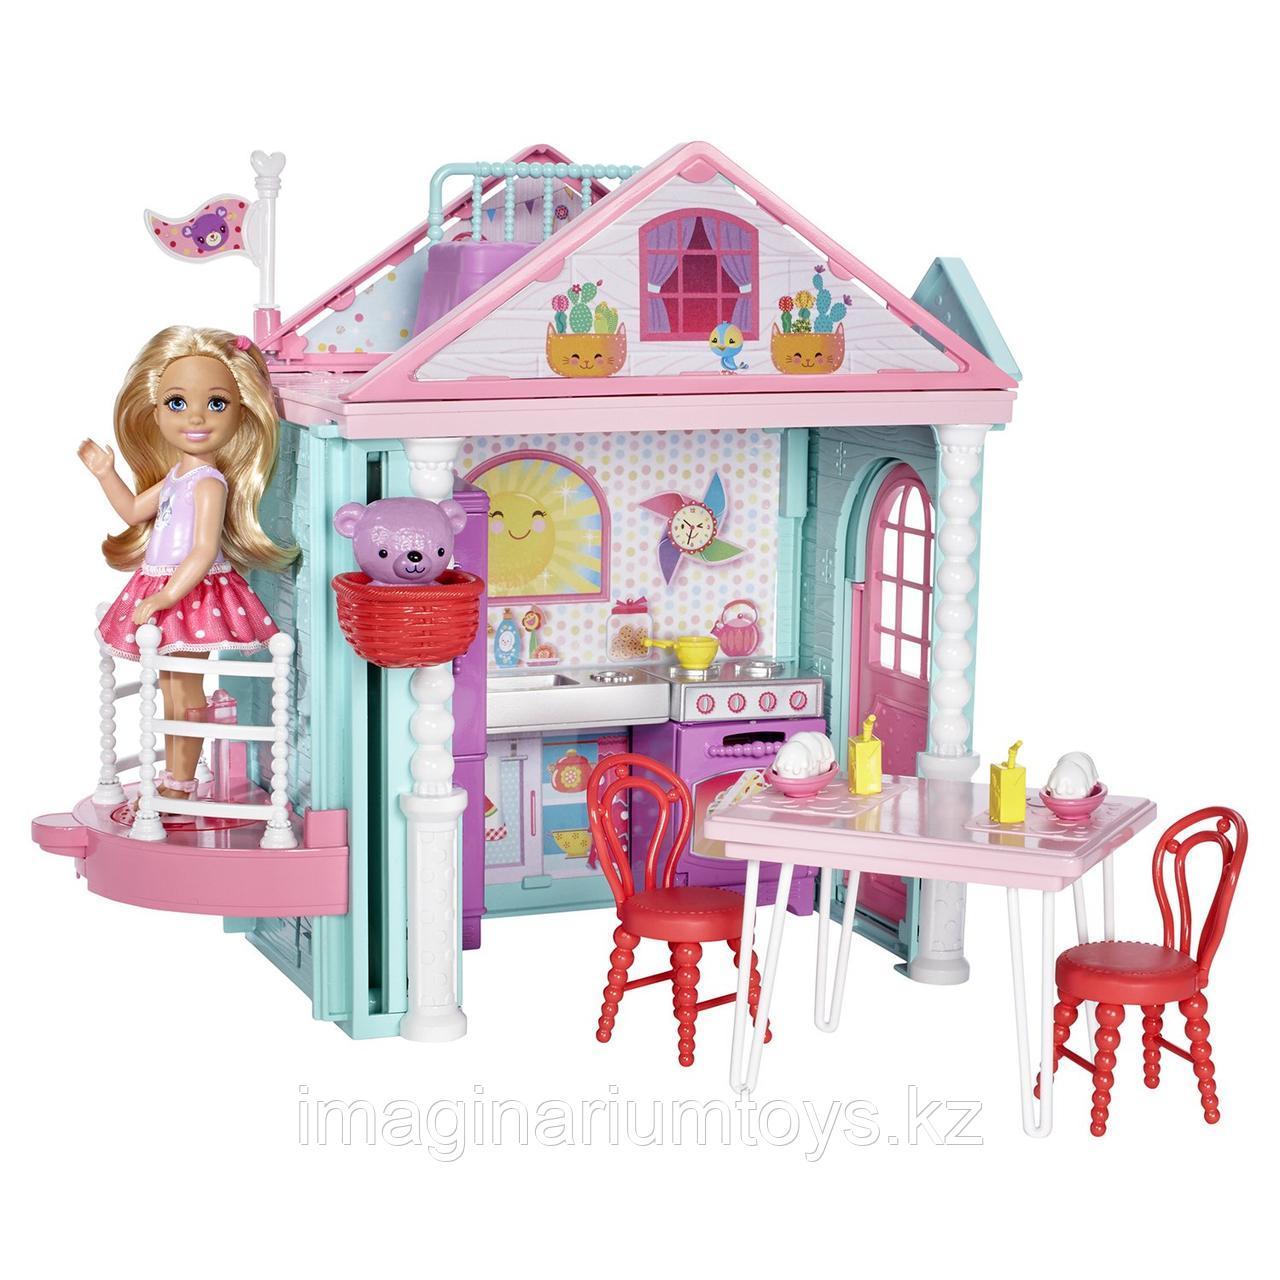 Barbie  кукольный домик Челси